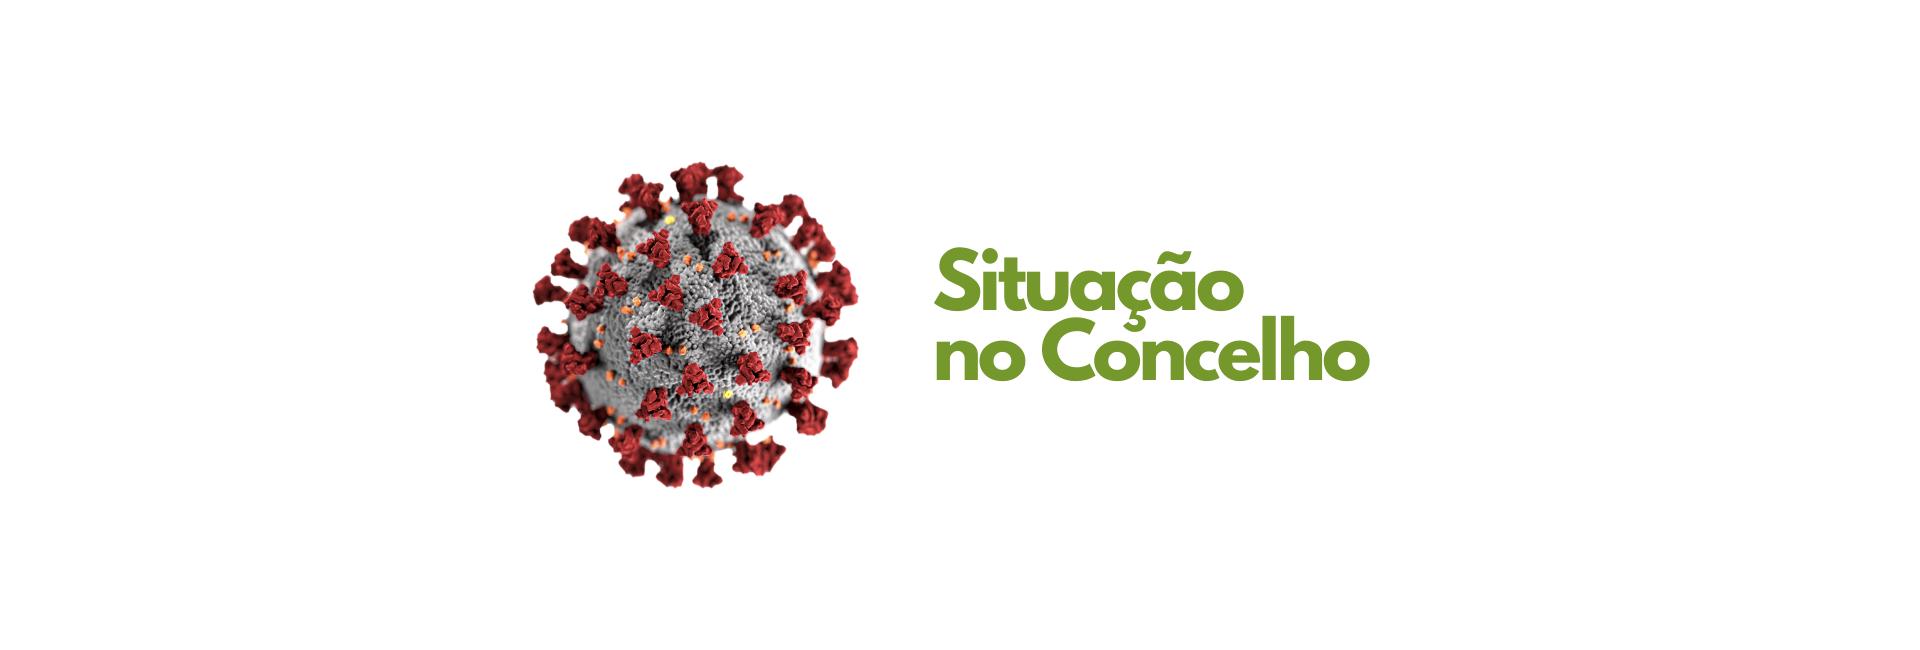 COVID-19: Situação no Concelho a 16 de Janeiro